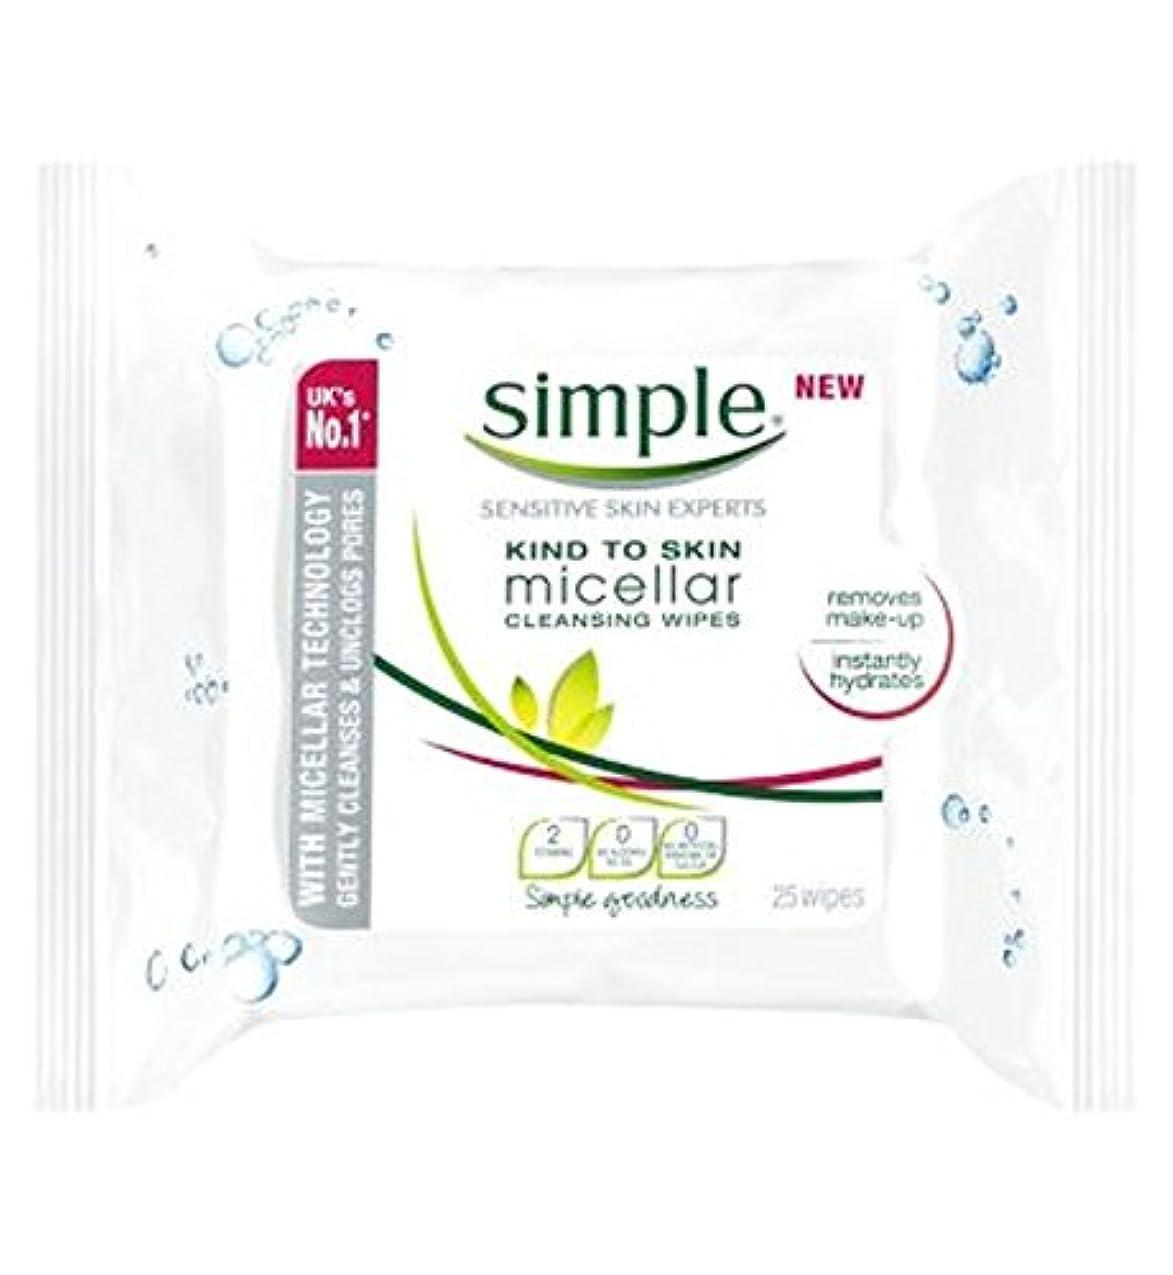 仕様滝並外れて皮膚ミセルクレンジングへの単純な種類がワイプ - 25ワイプ (Simple) (x2) - Simple Kind To Skin Micellar Cleansing Wipes - 25 wipes (Pack of...